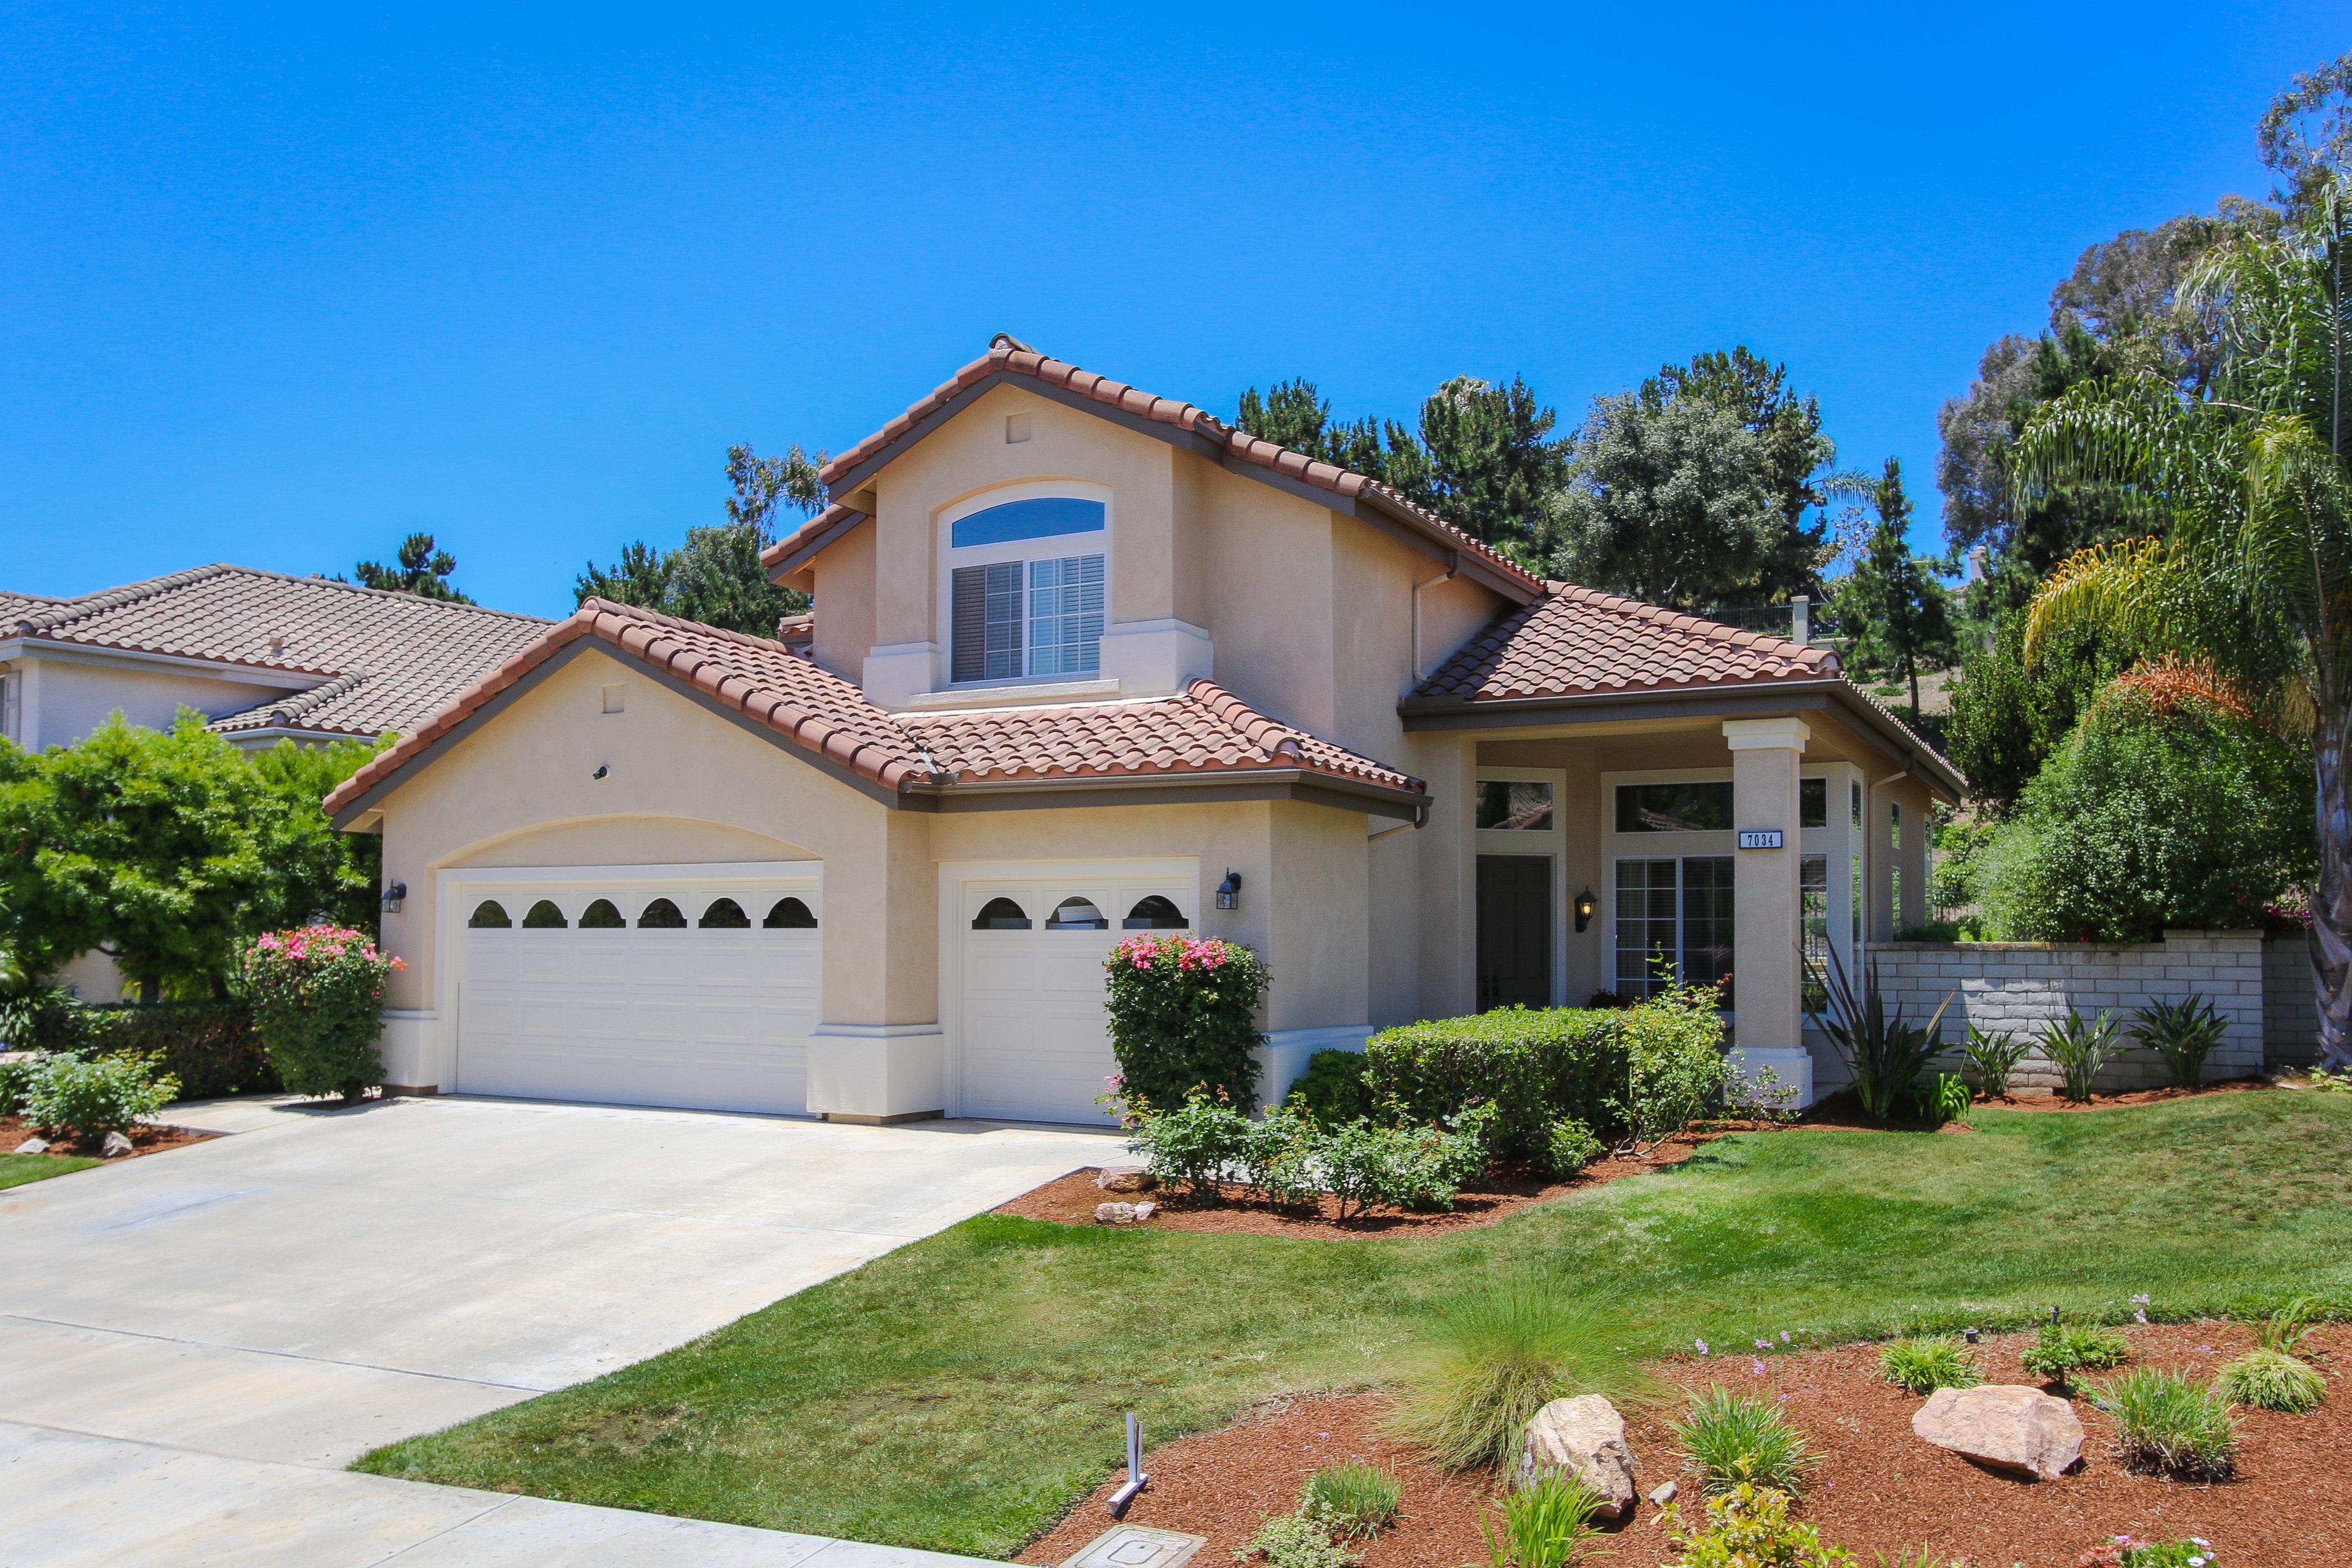 7034 Rockrose Terrace, Carlsbad CA 92011, Sandpiper at Aviara